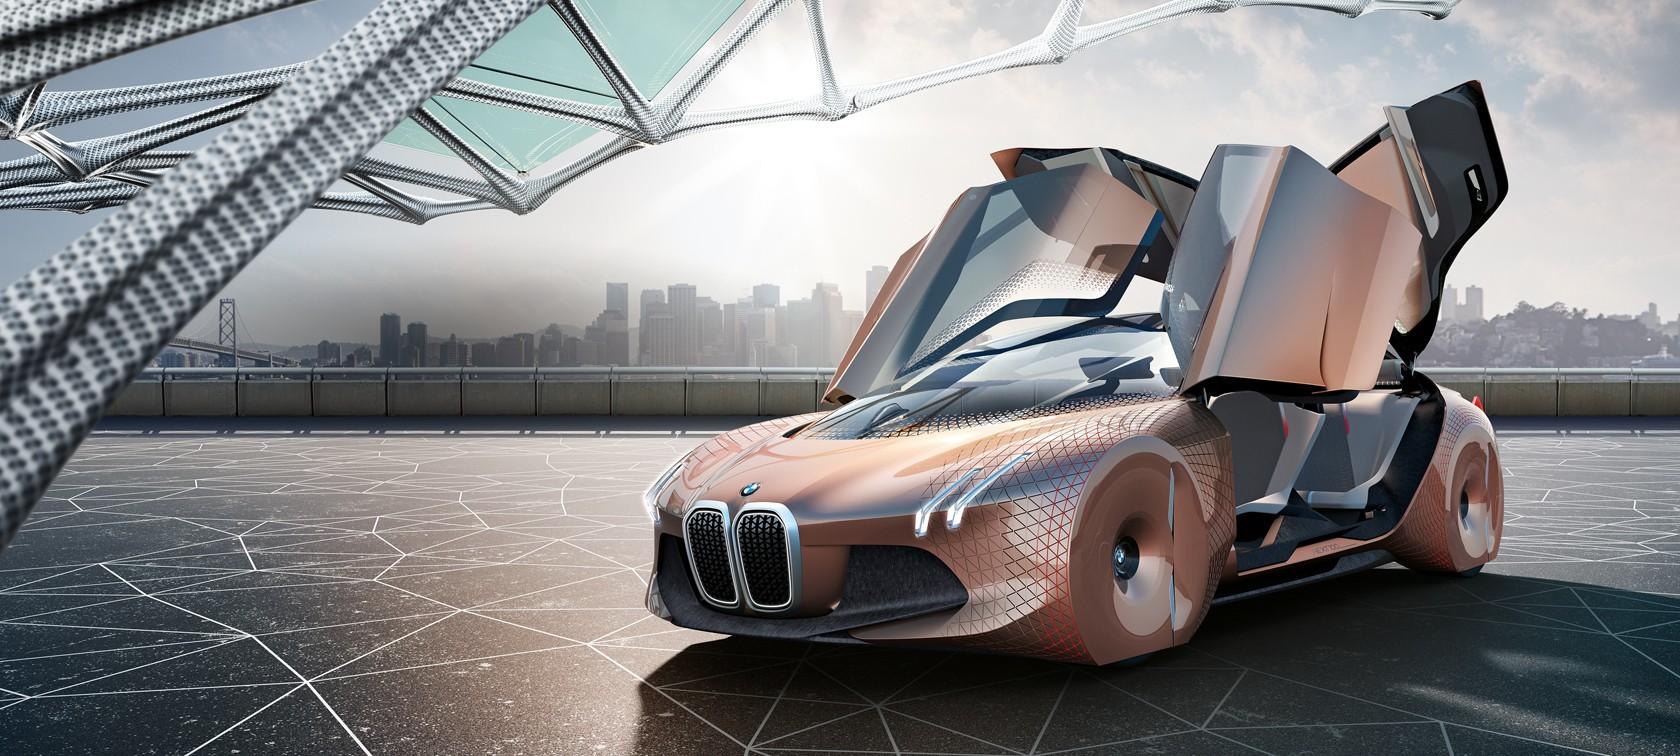 Die fünf technisch ausgereiftesten Autos der Welt